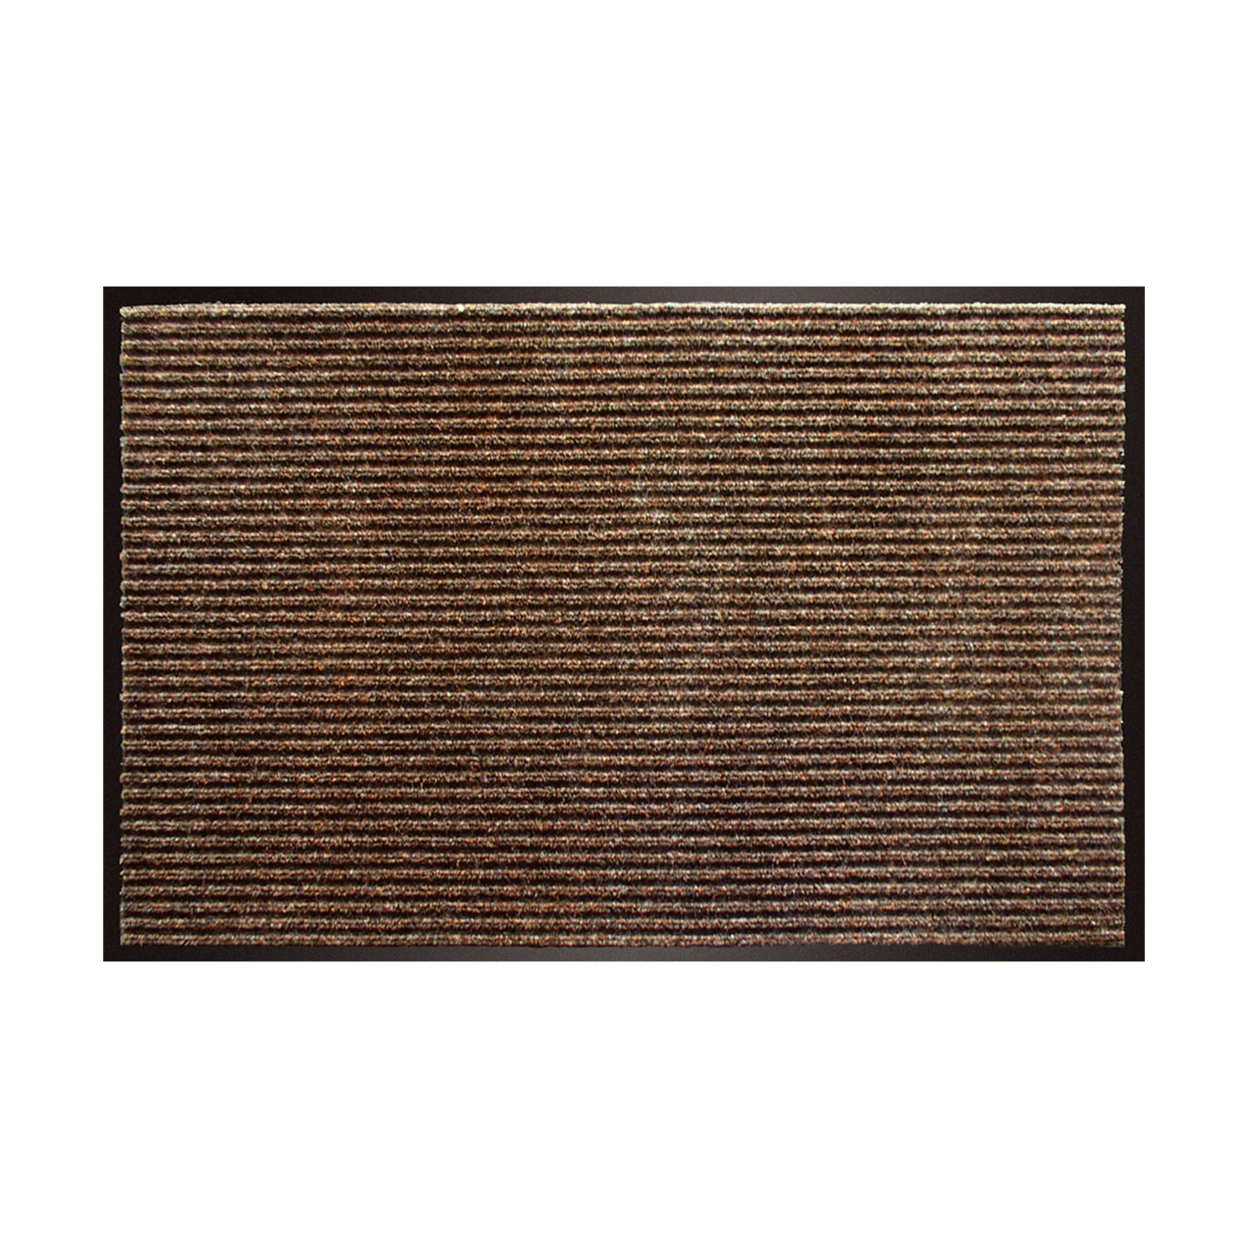 BuyMats Home Indoor Outdoor Apache Rib Mat - Cocoa 5950e82d2a00e4530e248a7a